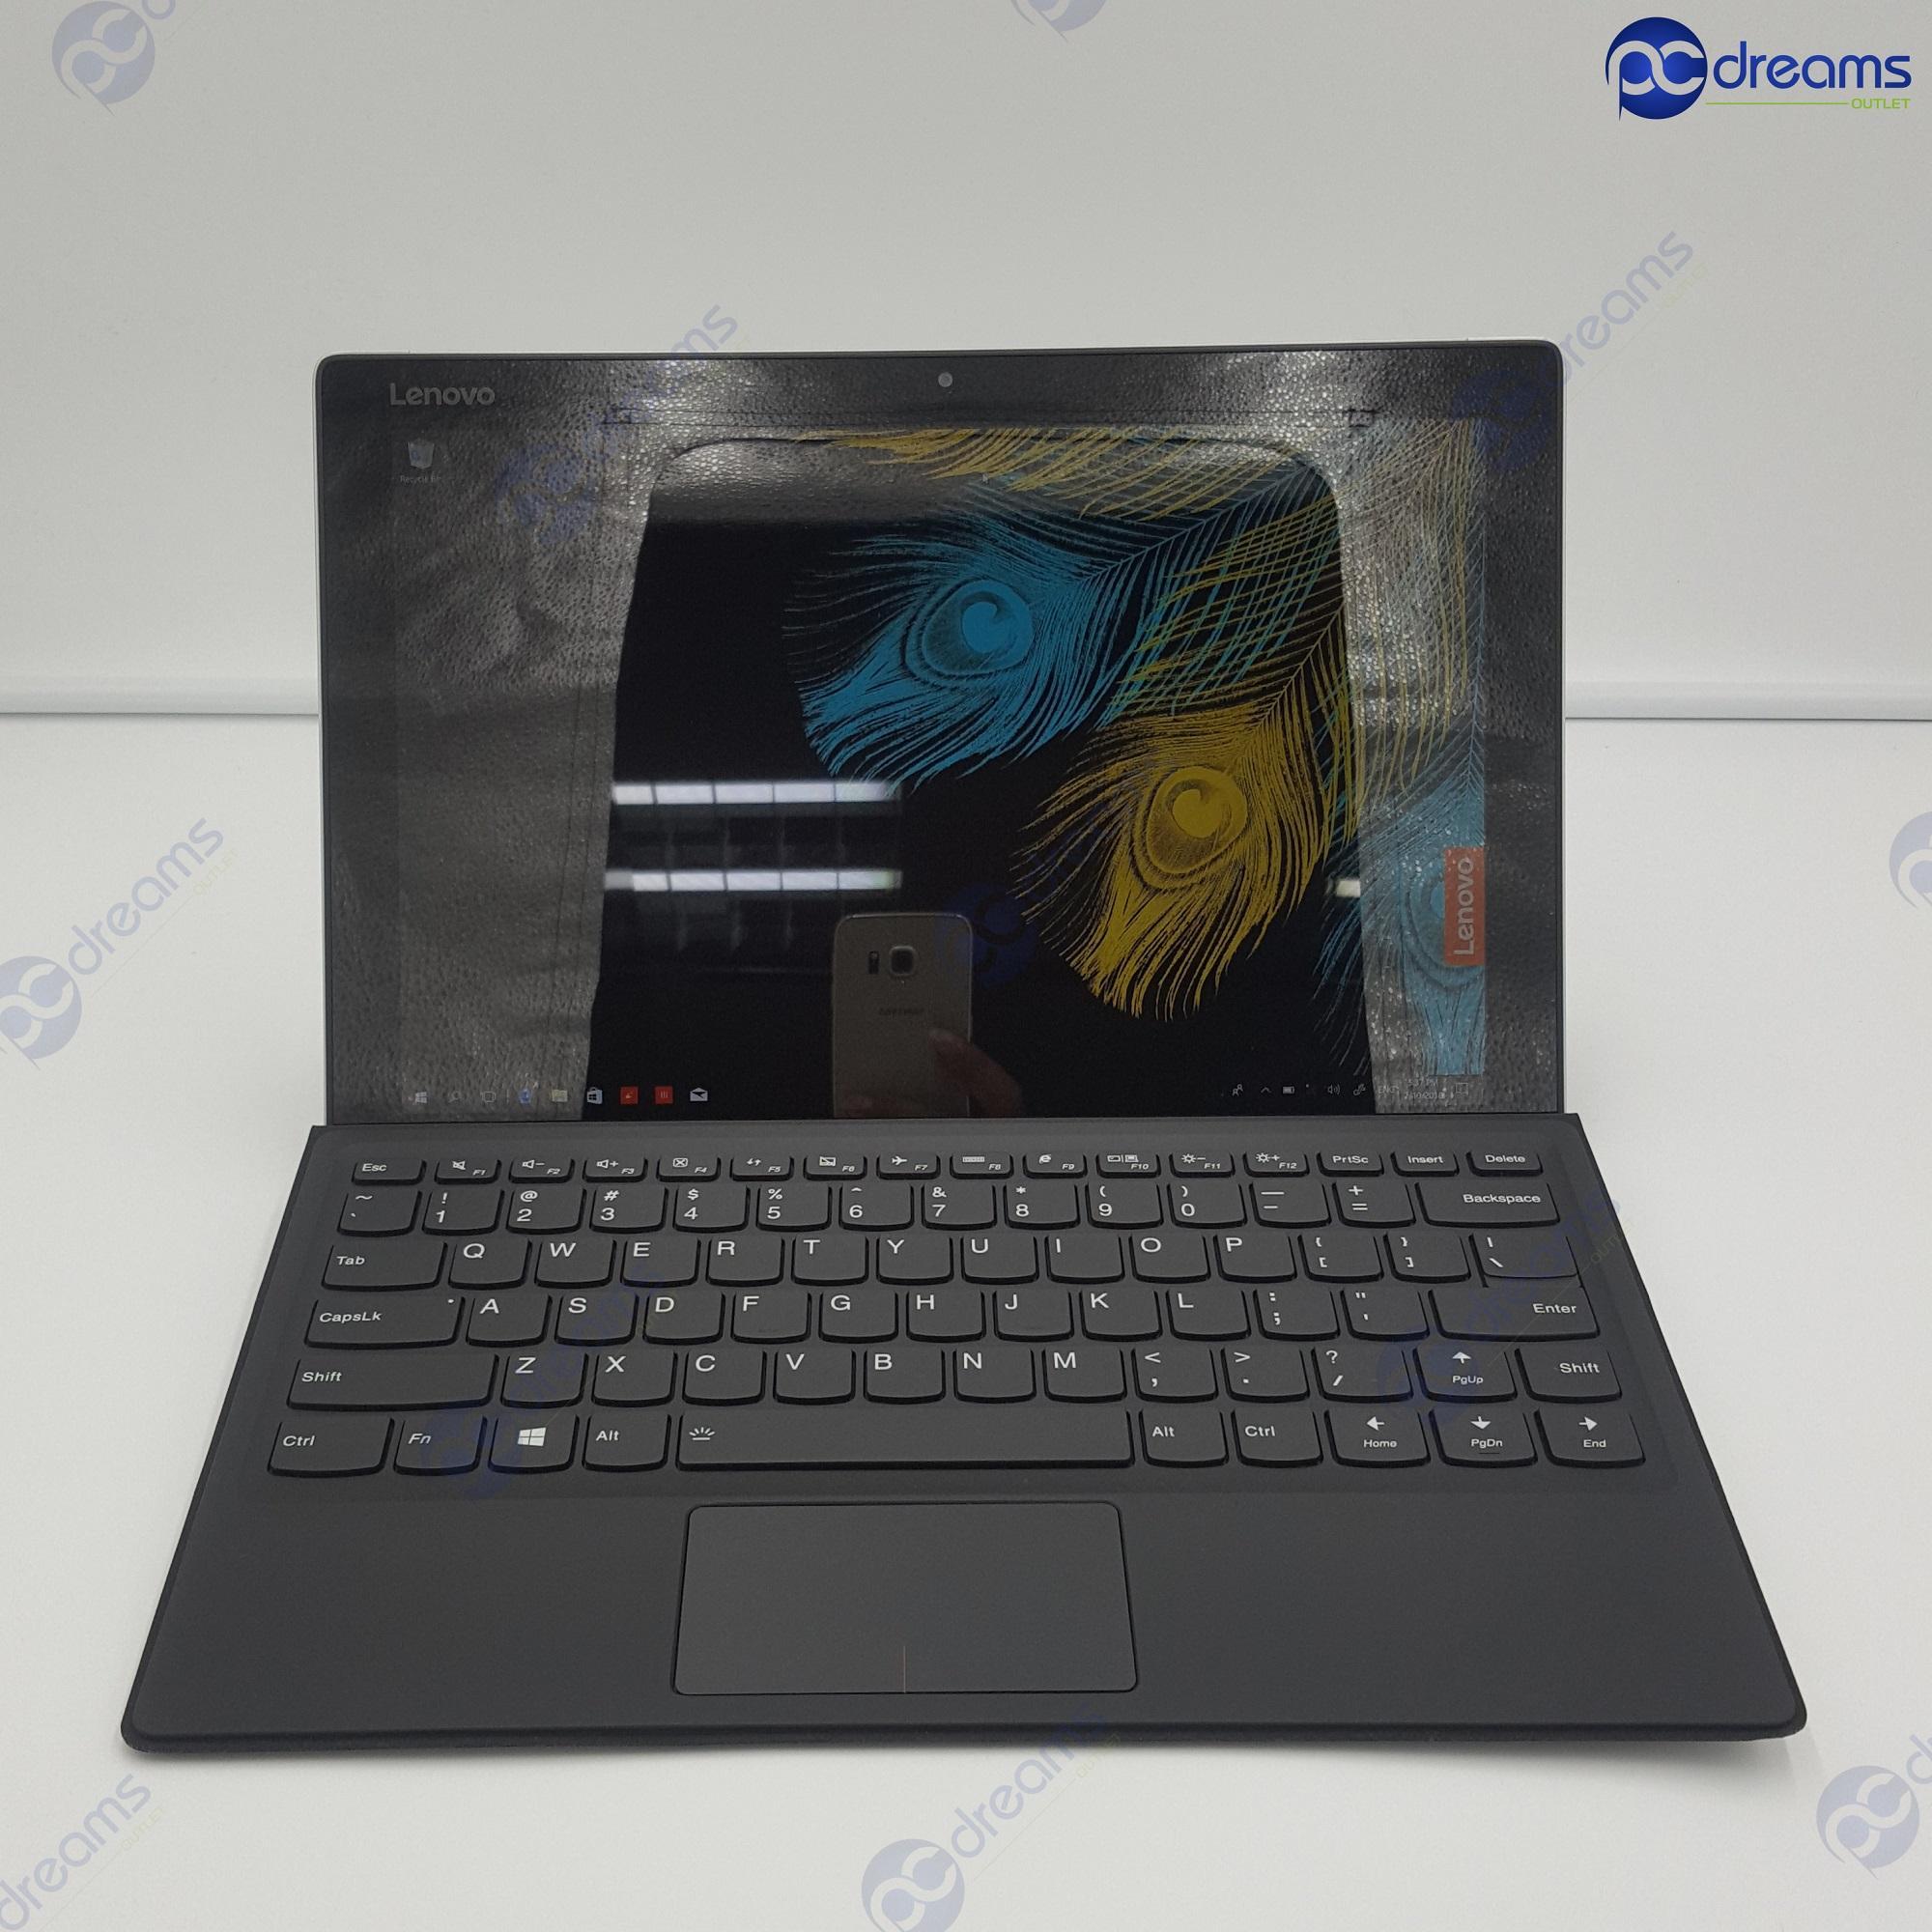 LENOVO IDEAPAD MIIX 510-12IKB (81CG018TSB) i5-8250U/8GB/256GB SSD [Premium Refreshed]